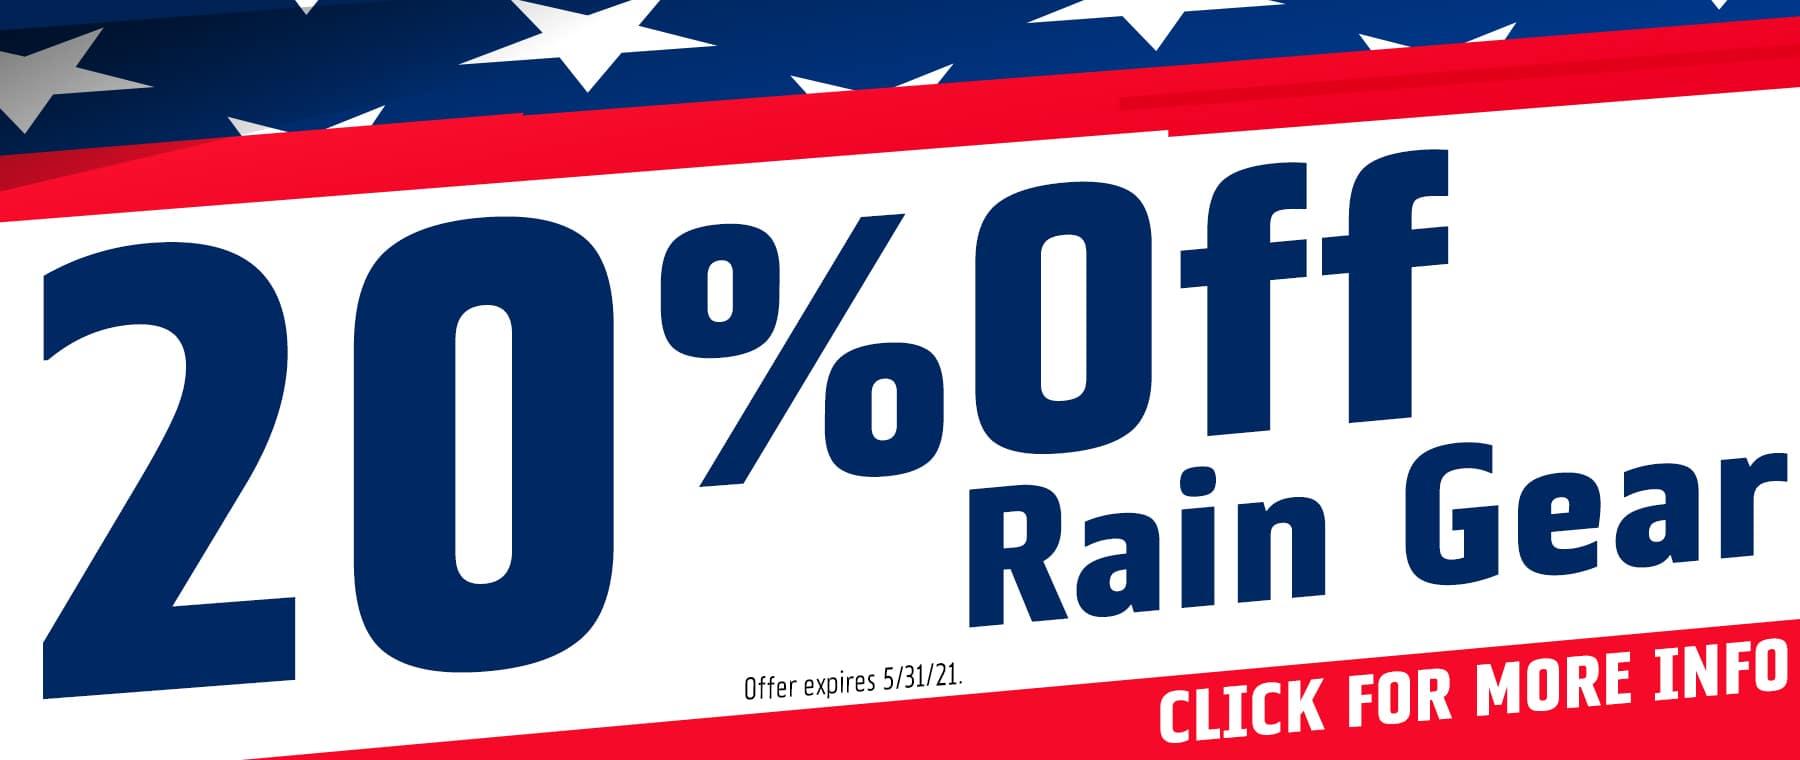 20% OFF RAIN GEAR